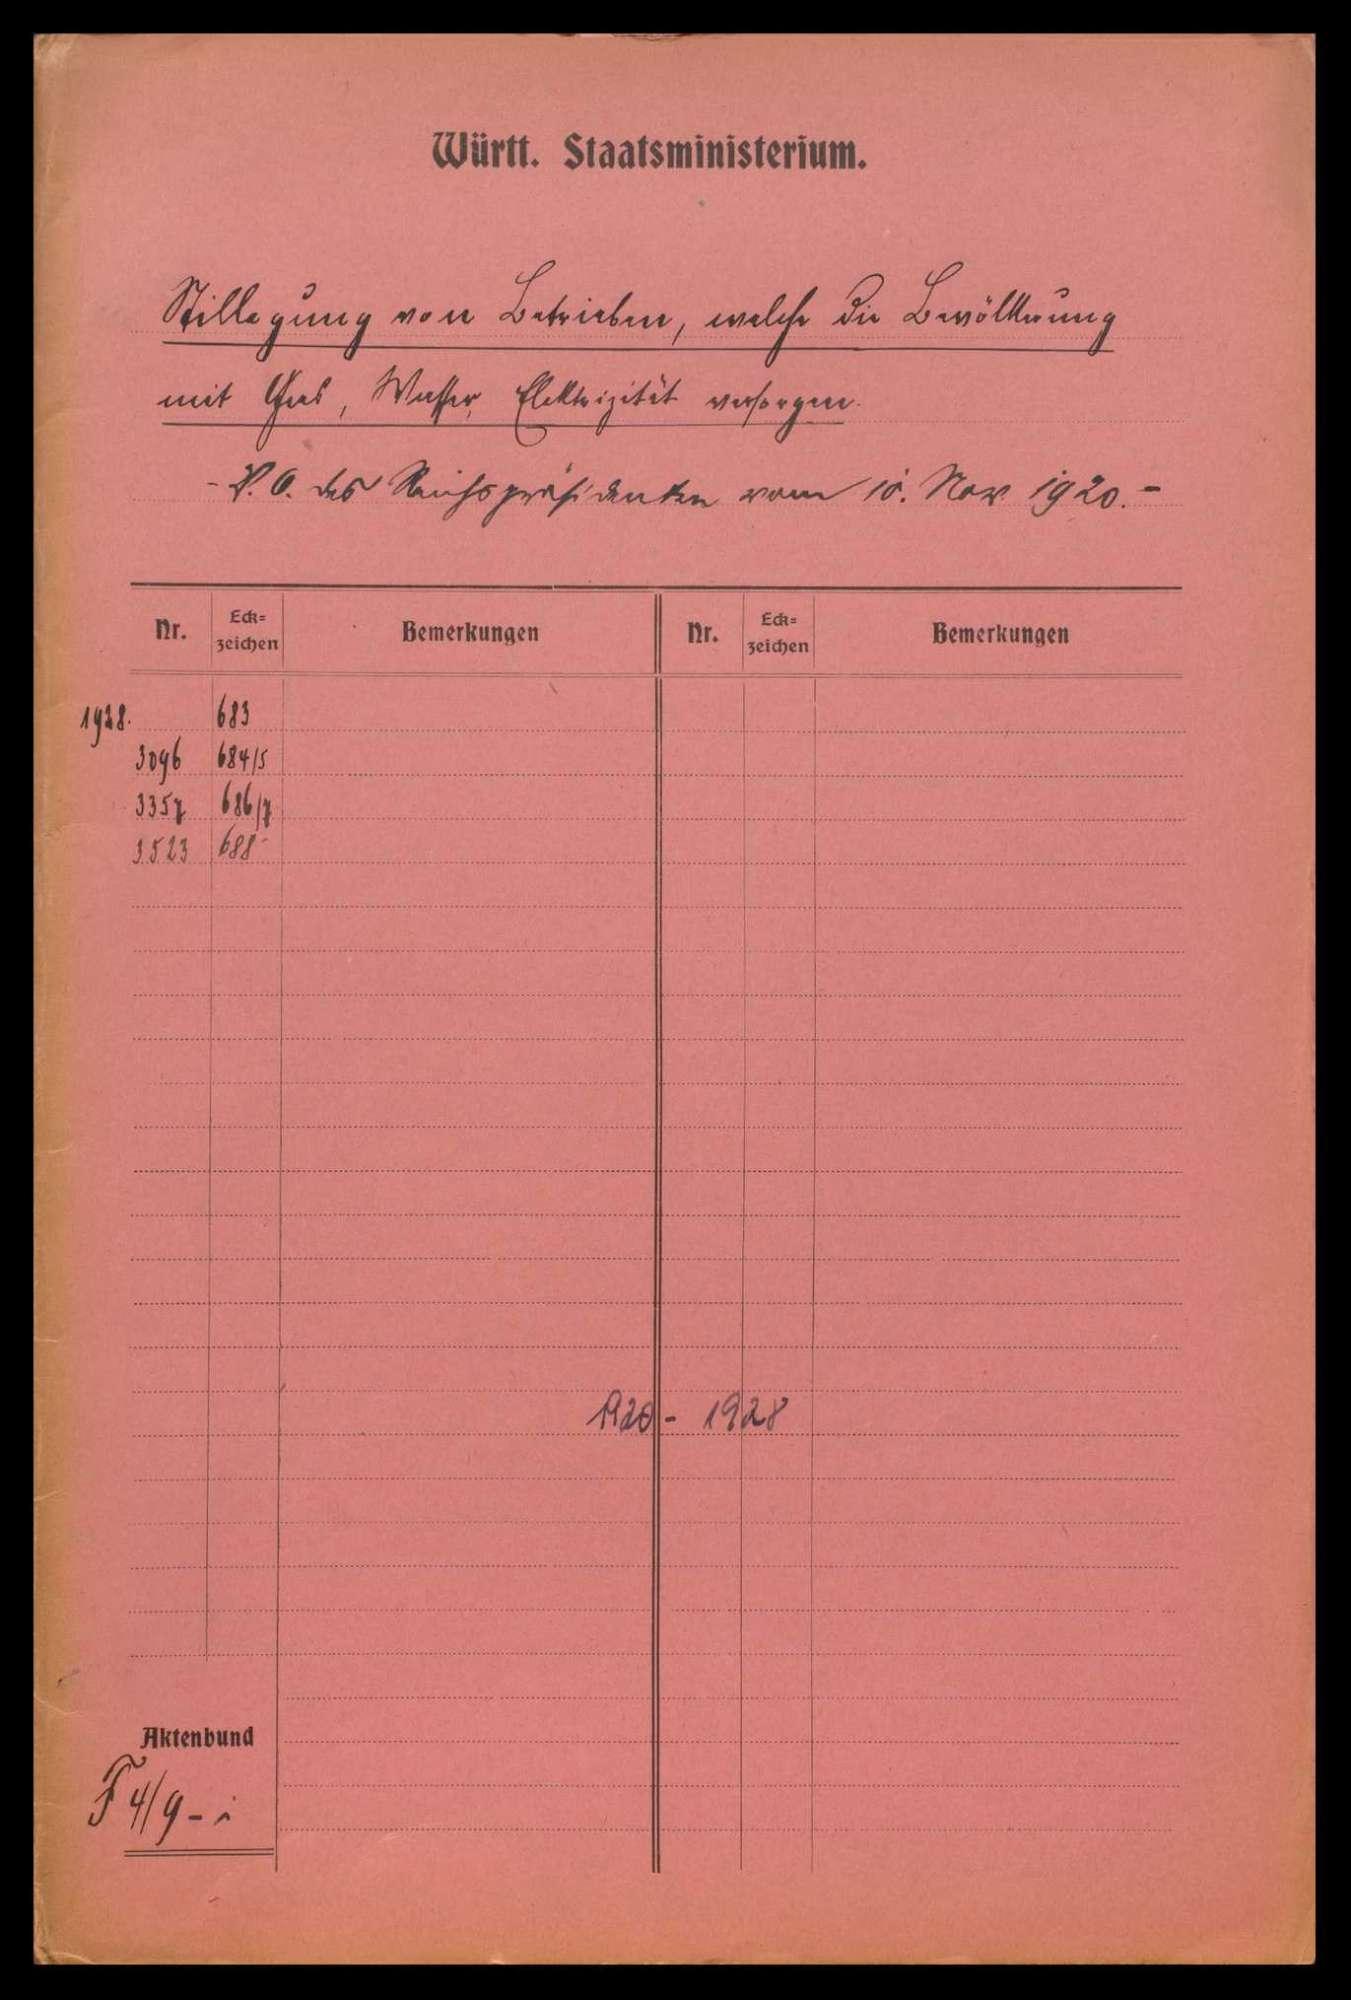 Verordnung des Reichspräsidenten vom 10.10.1920 über die Stillegung von Betrieben, welche die Bevölkerung mit Gas, Wasser und Elektrizität versorgen und Beachtung dieser Bestimmung bei Unruhen und Streiks, Bild 1